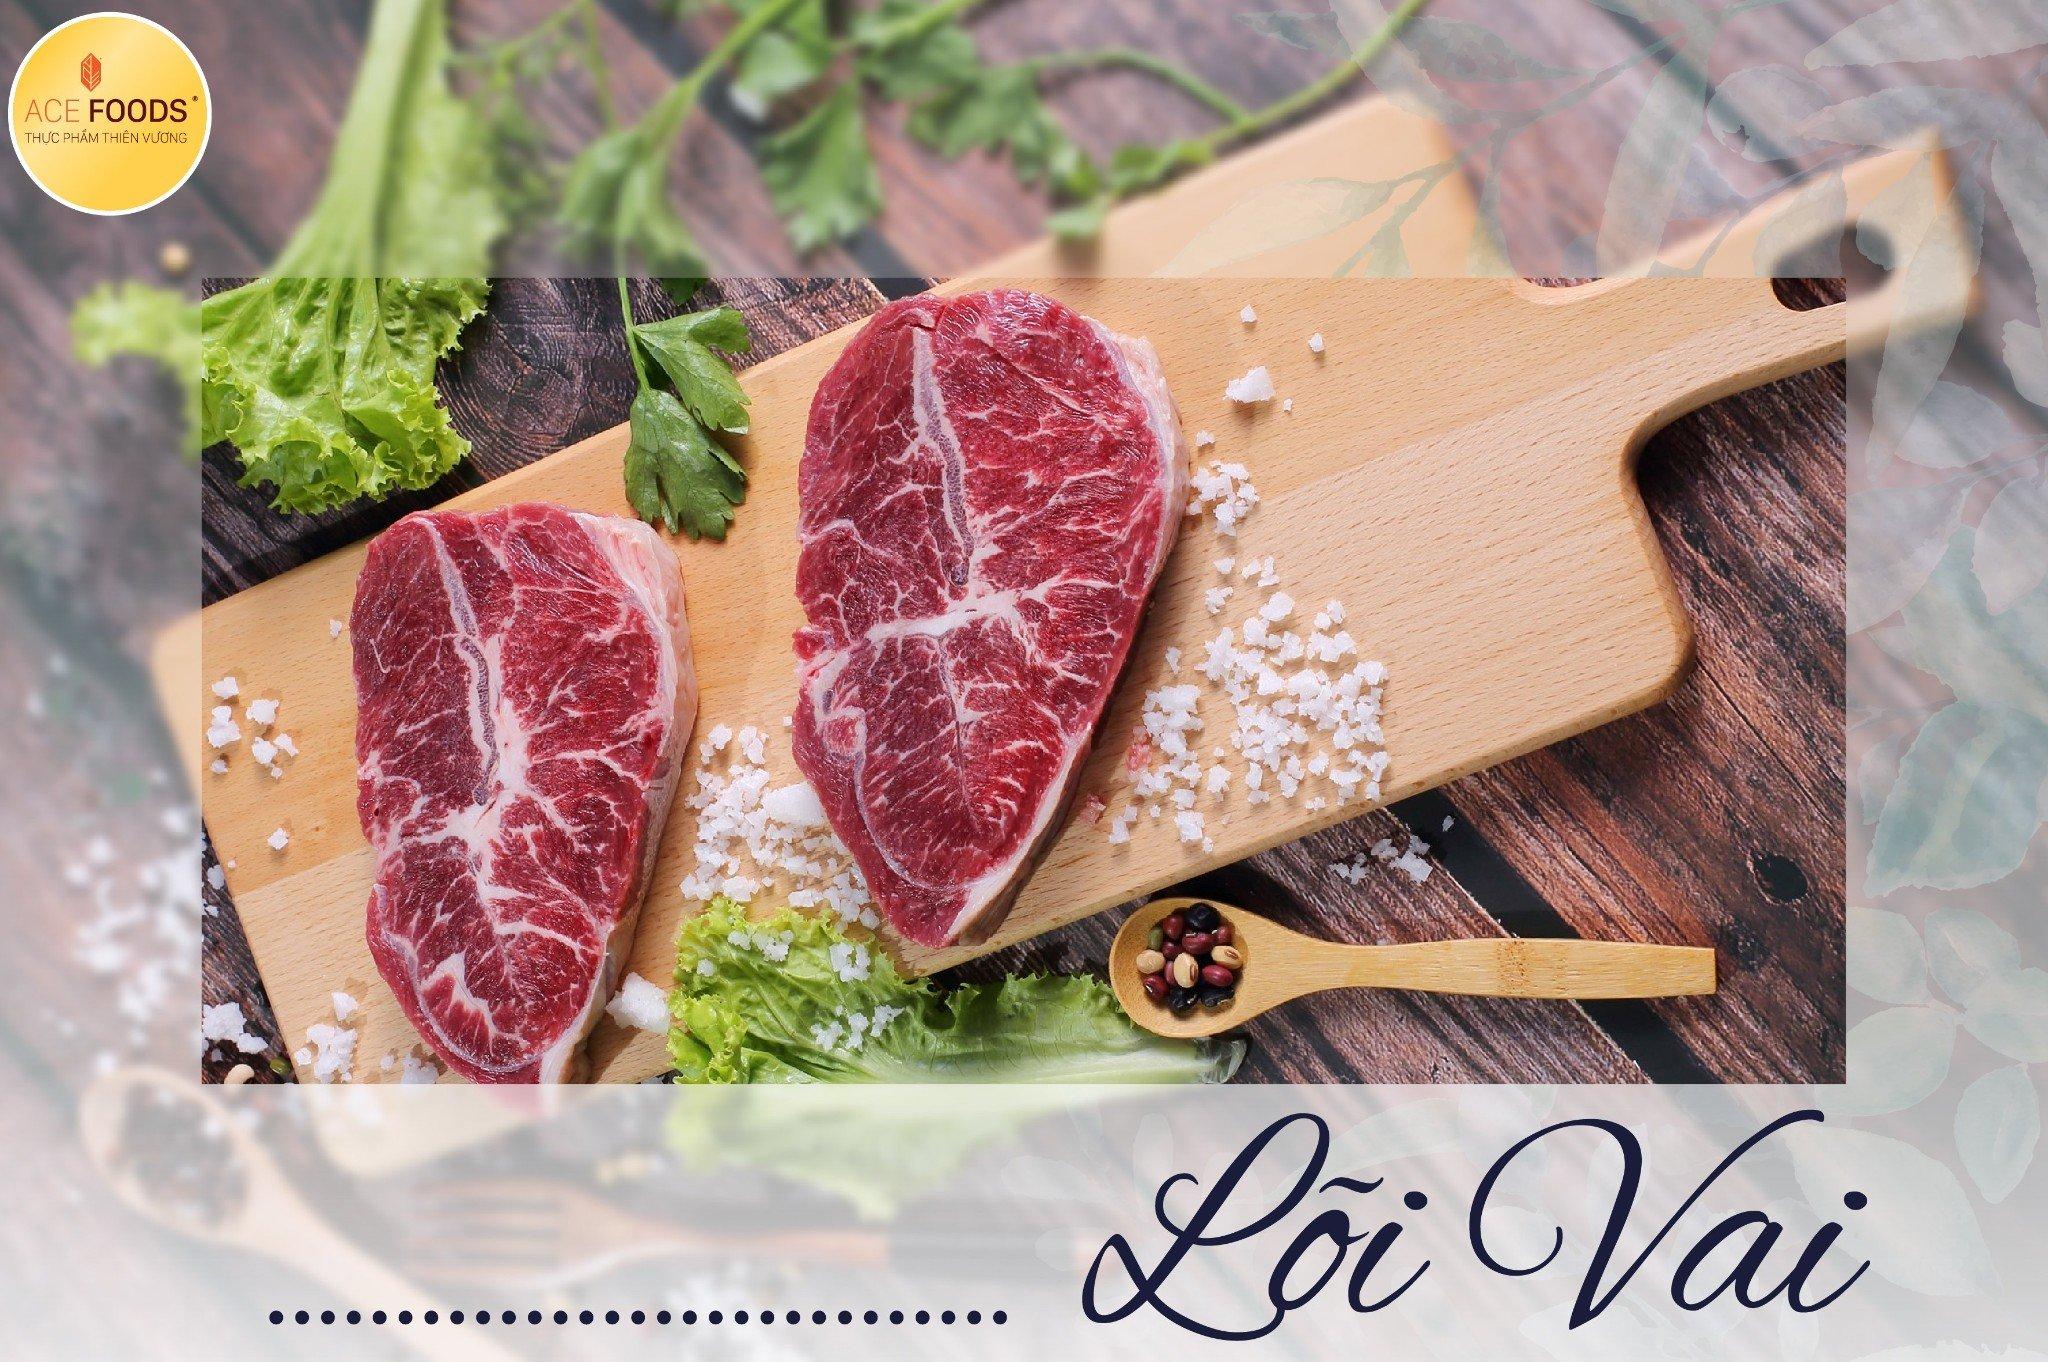 Lõi vai bò Mỹ mềm bởi nhiều vân mỡ, lớp gân ở giữa tạo độ giòn cho miếng thịt